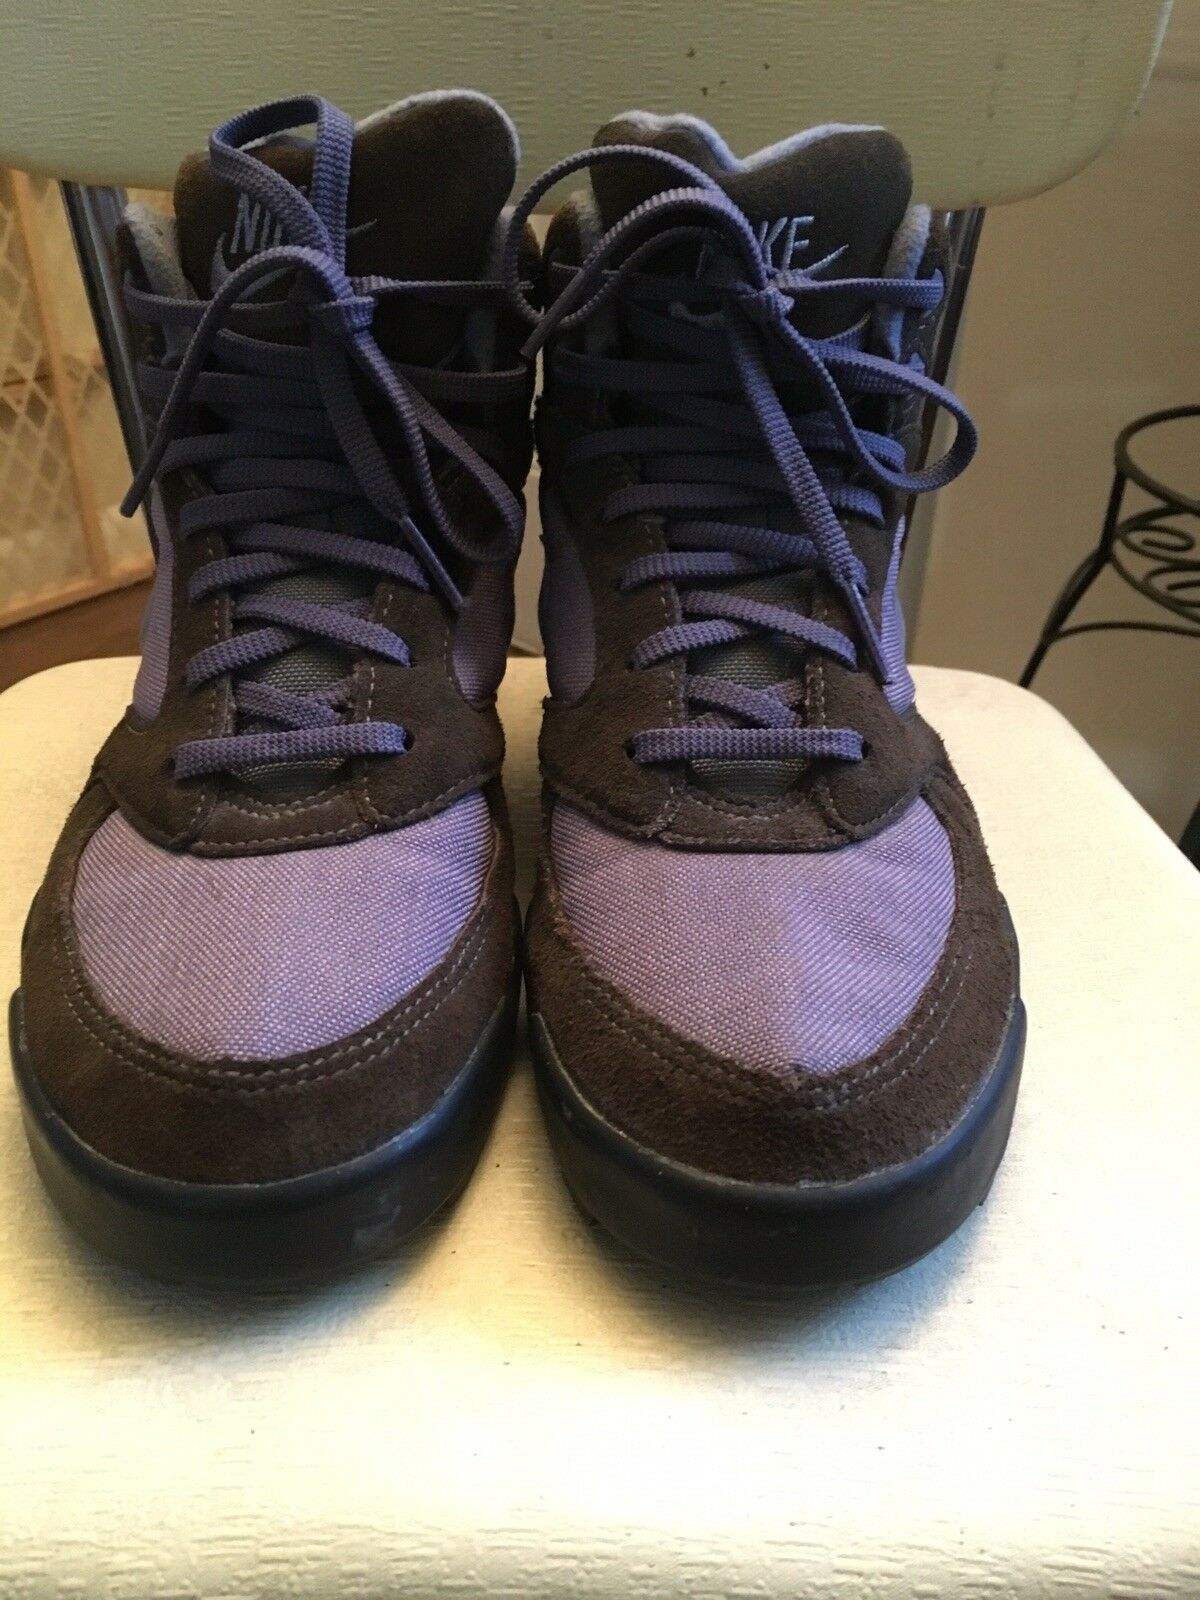 Vintage Nike Caldera Hiking Boot size 8 Purple Brown